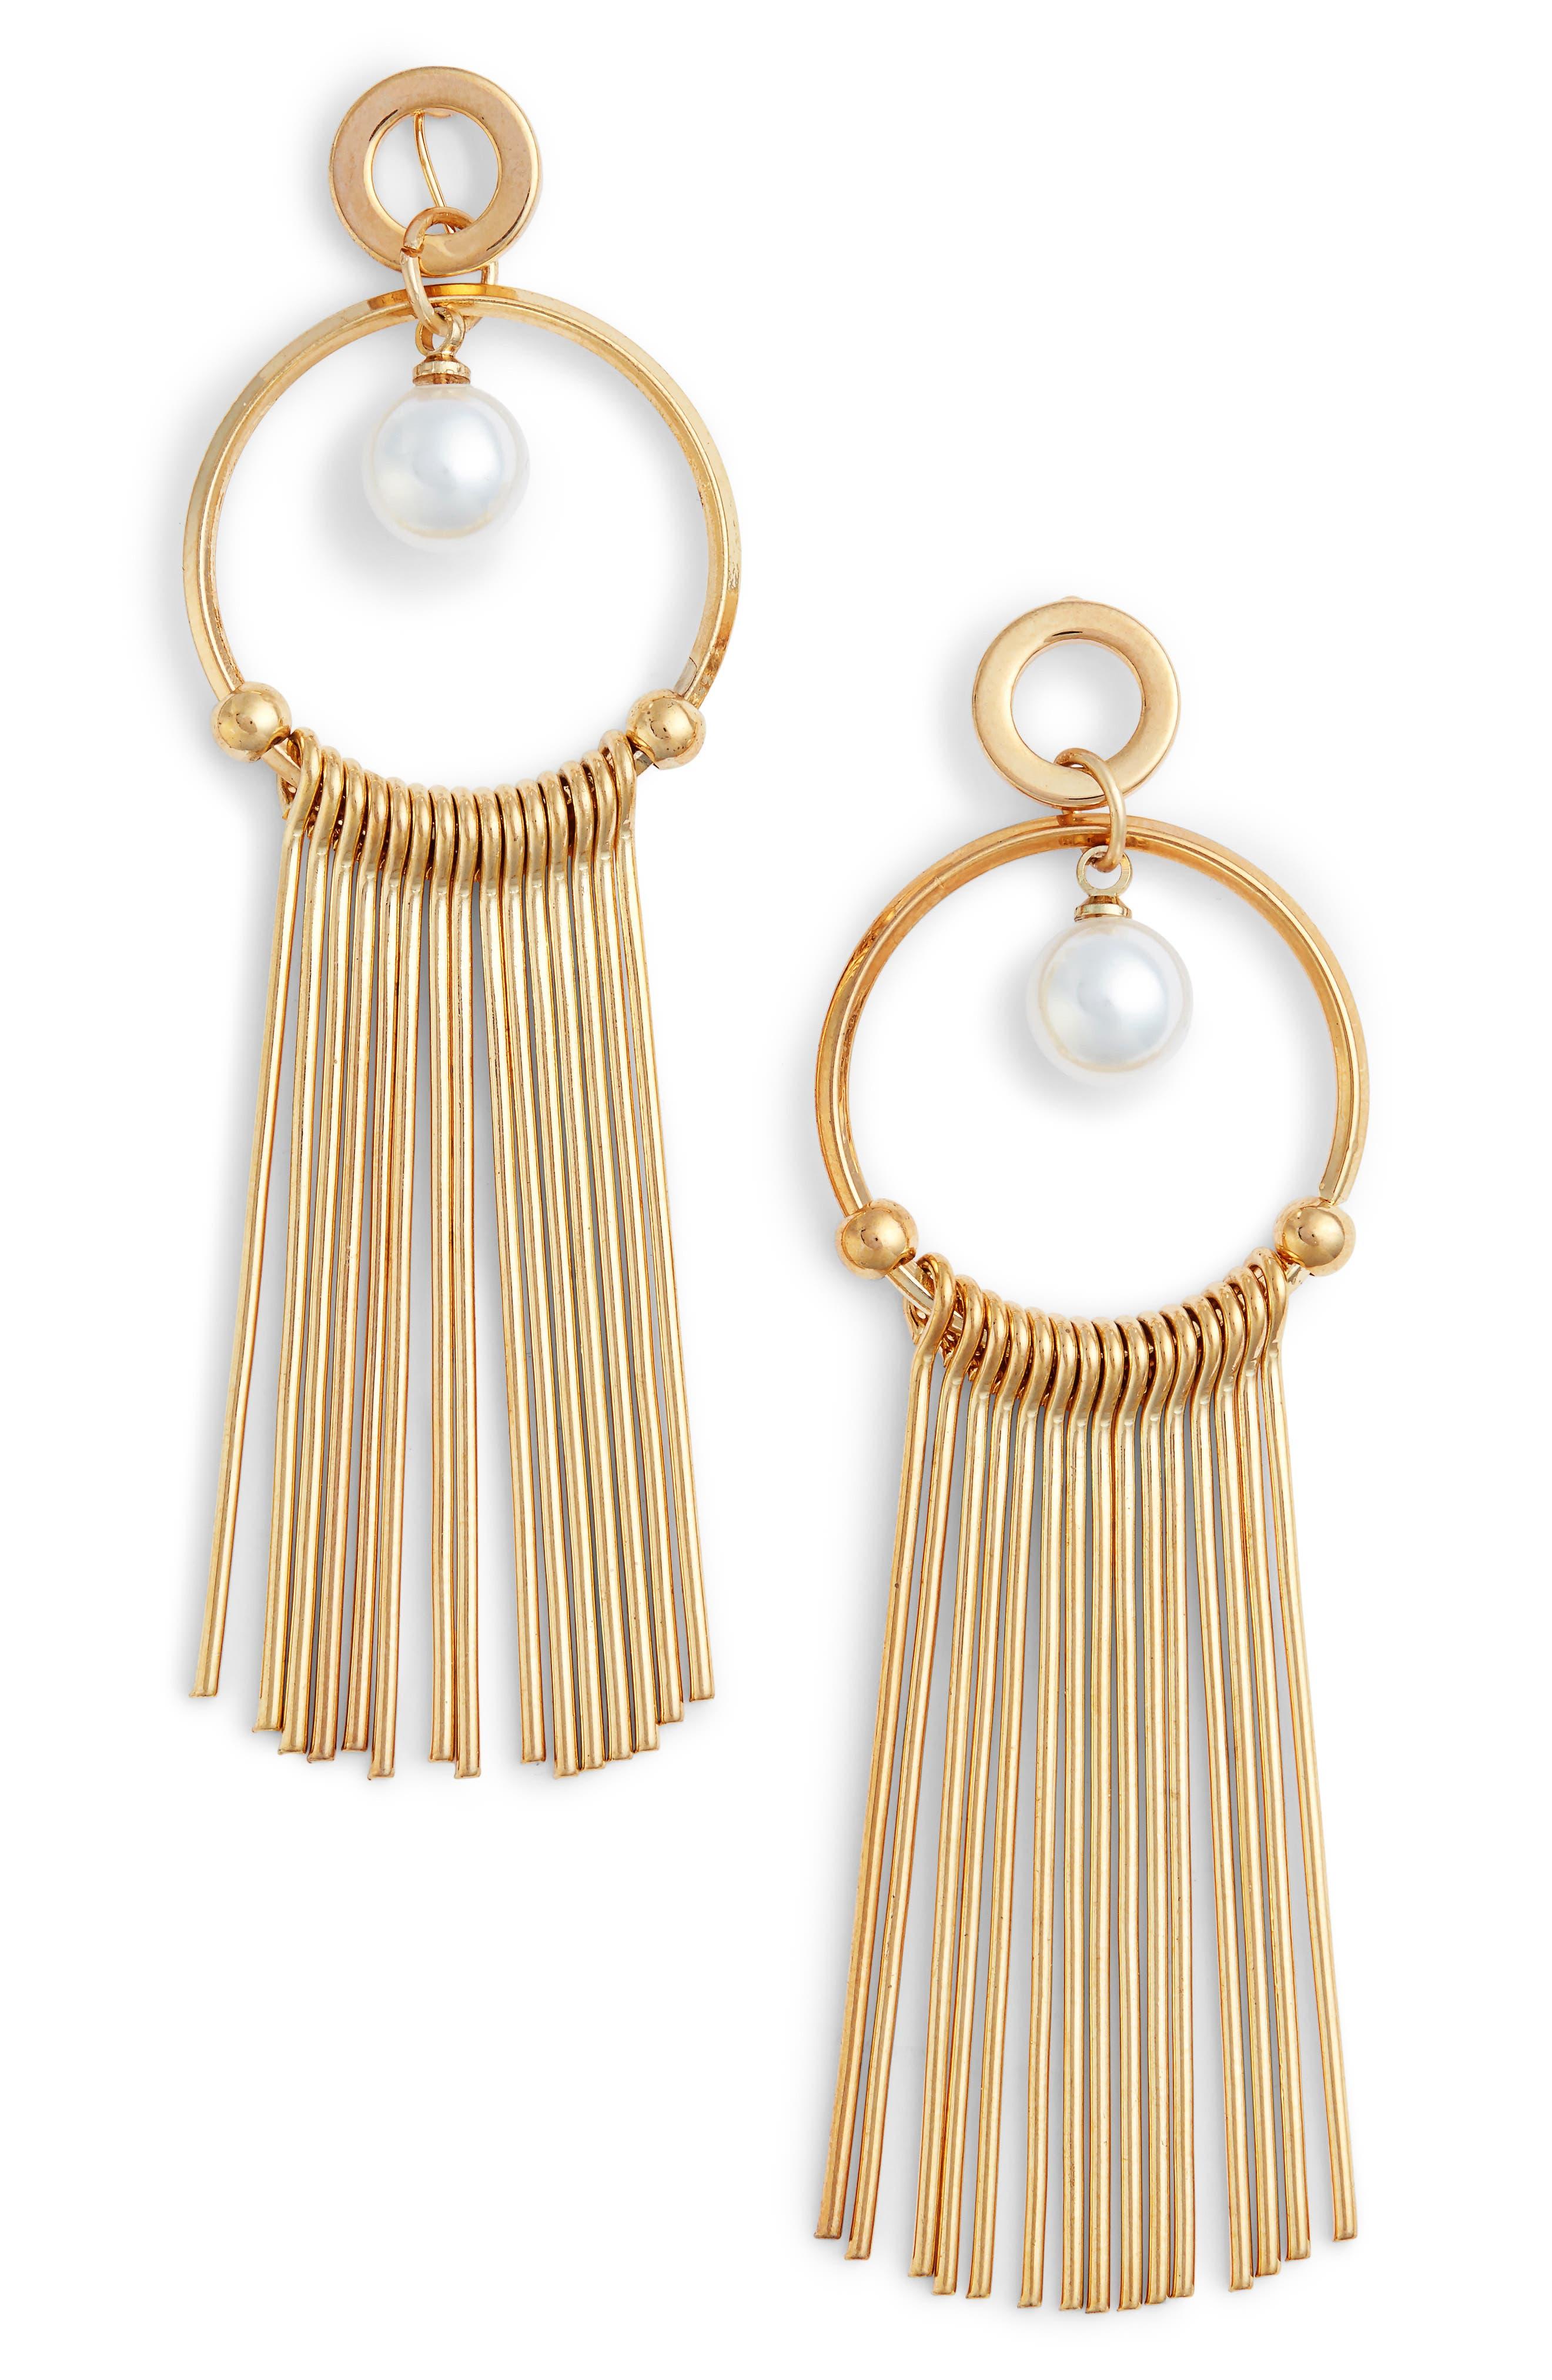 Lilia Spike & Crystal Hoop Earrings,                             Main thumbnail 4, color,